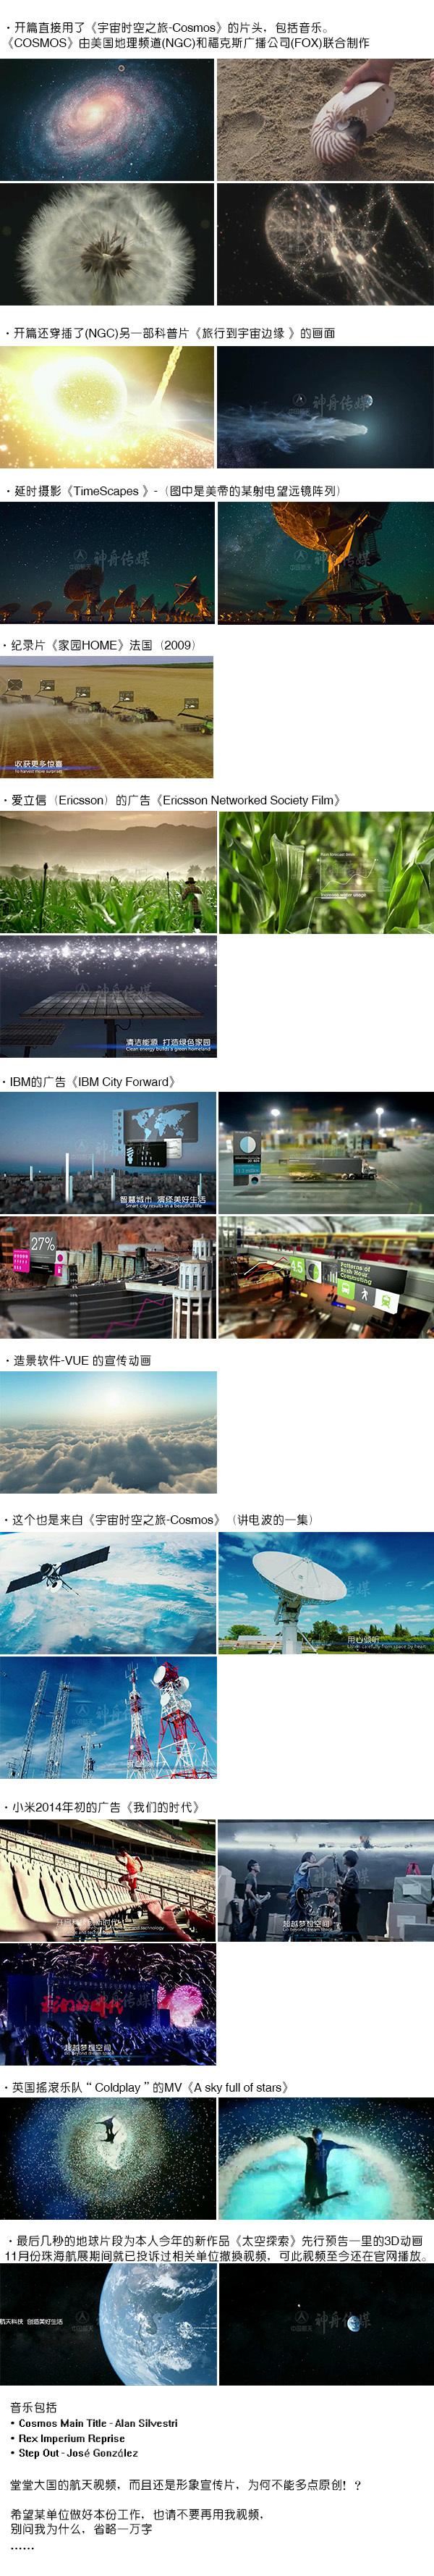 中国航天形象宣传片的剪辑创意